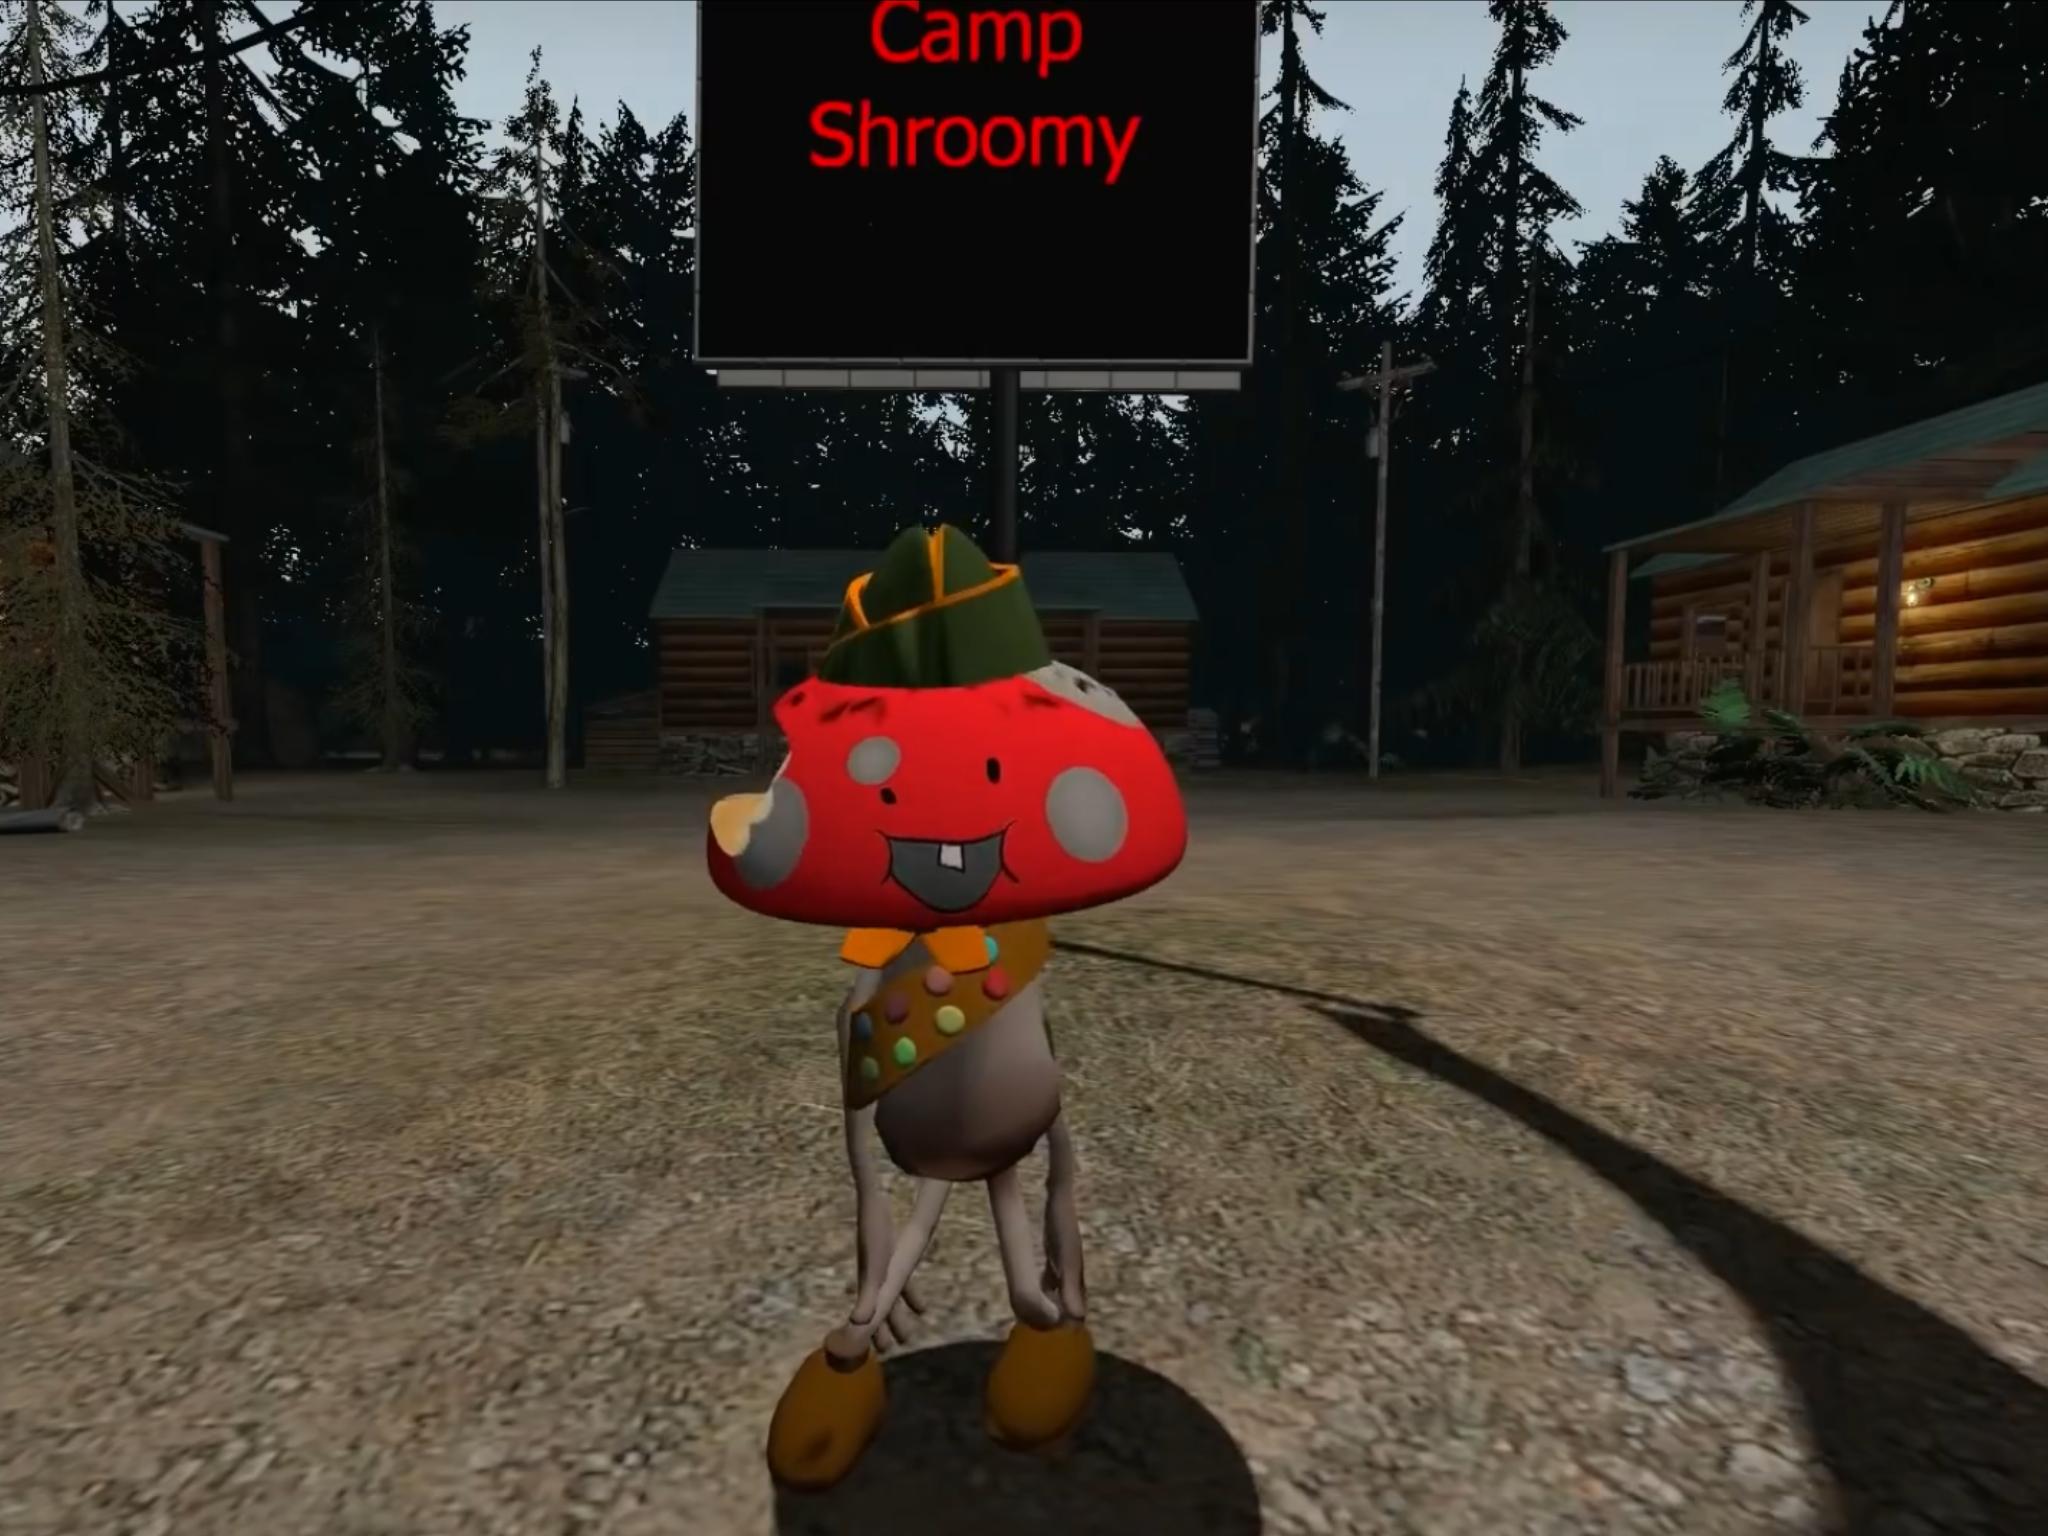 Camp Shroomy